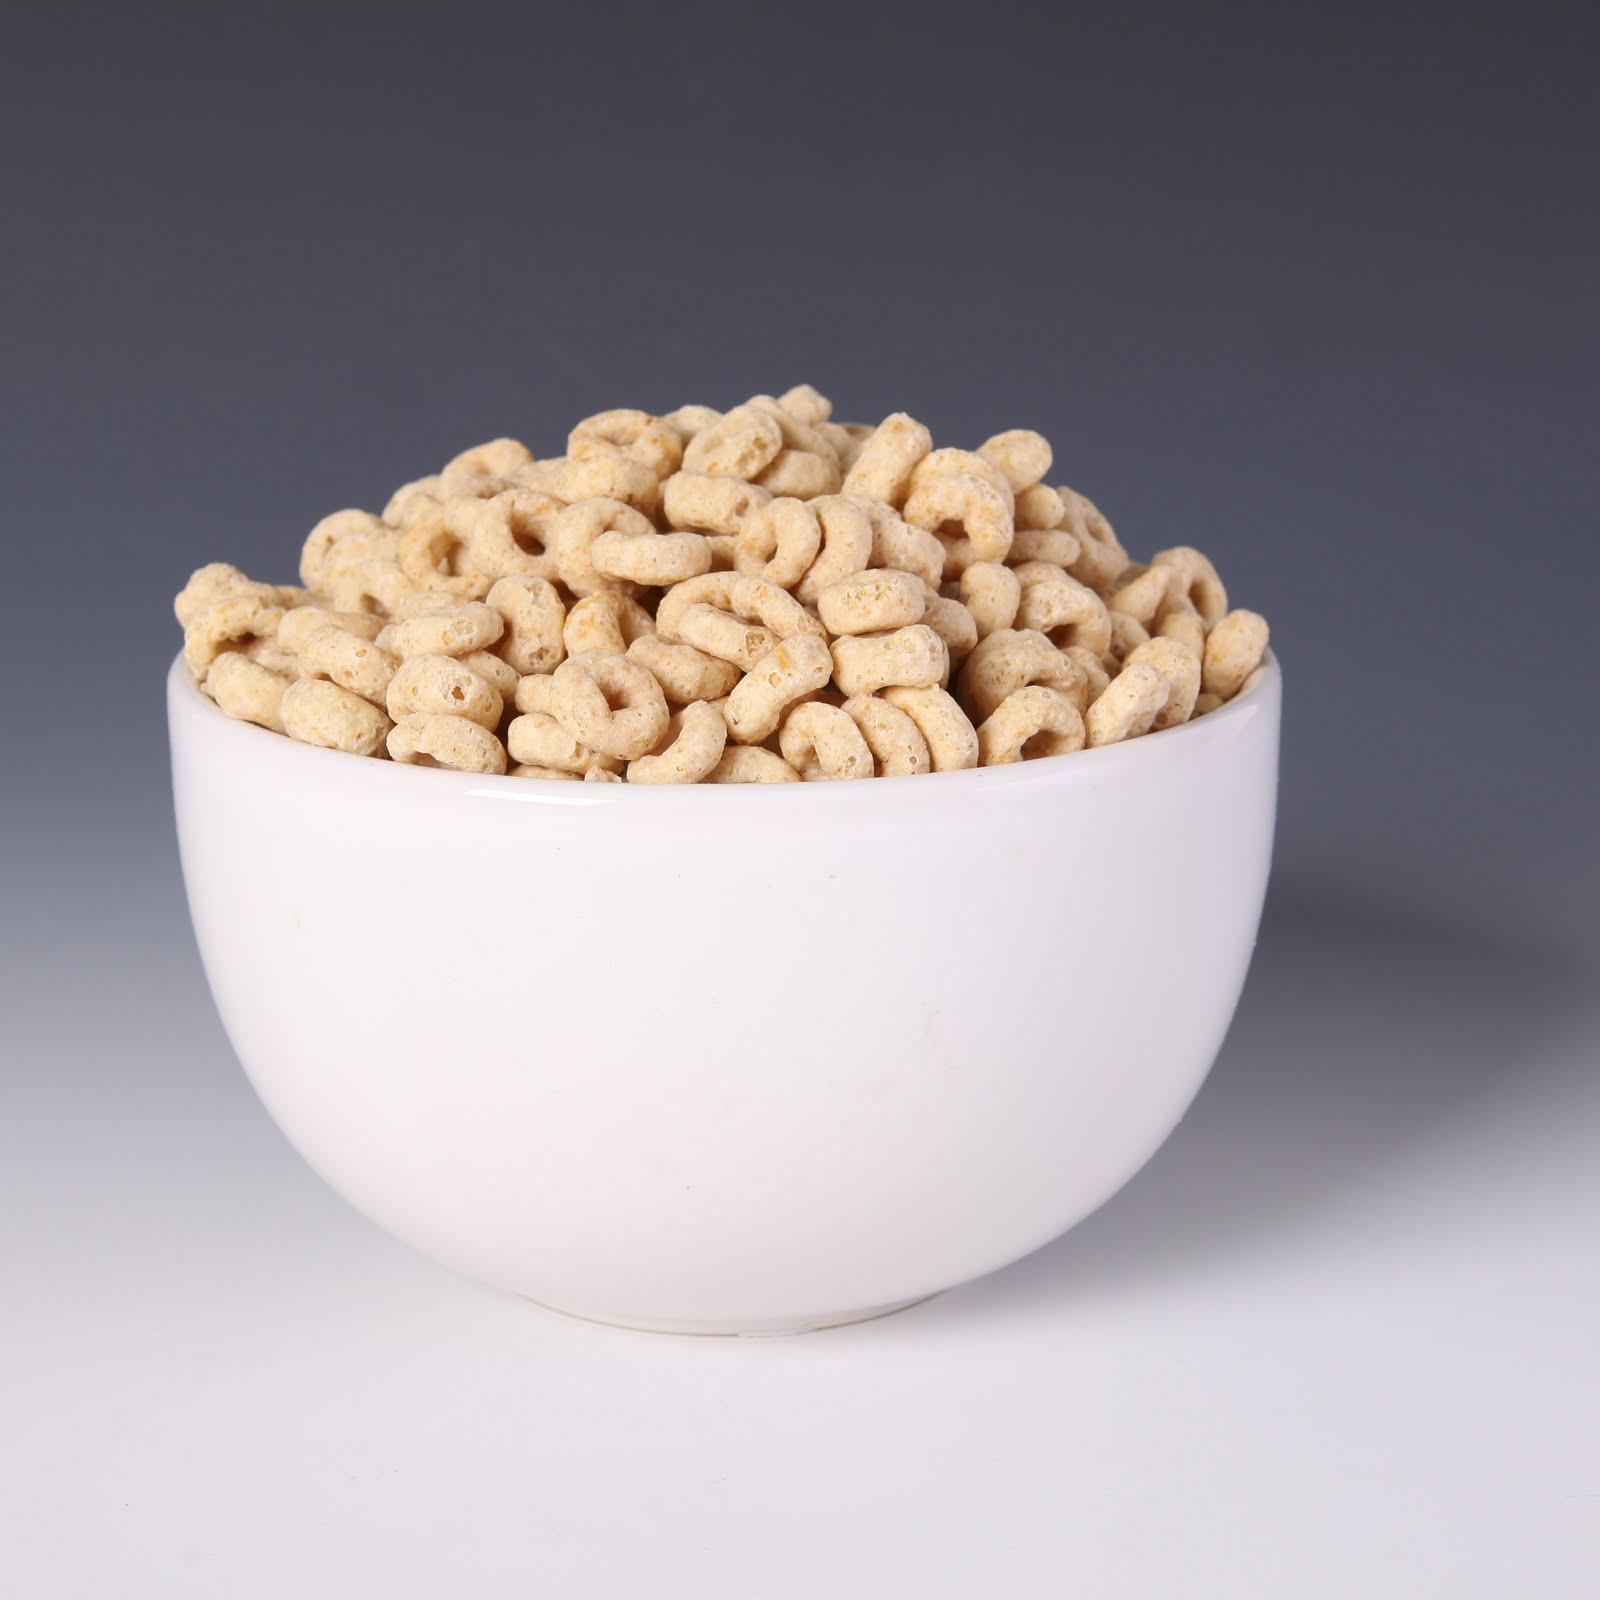 TMA Design Technology Gr 9: Bowls Of Cereal